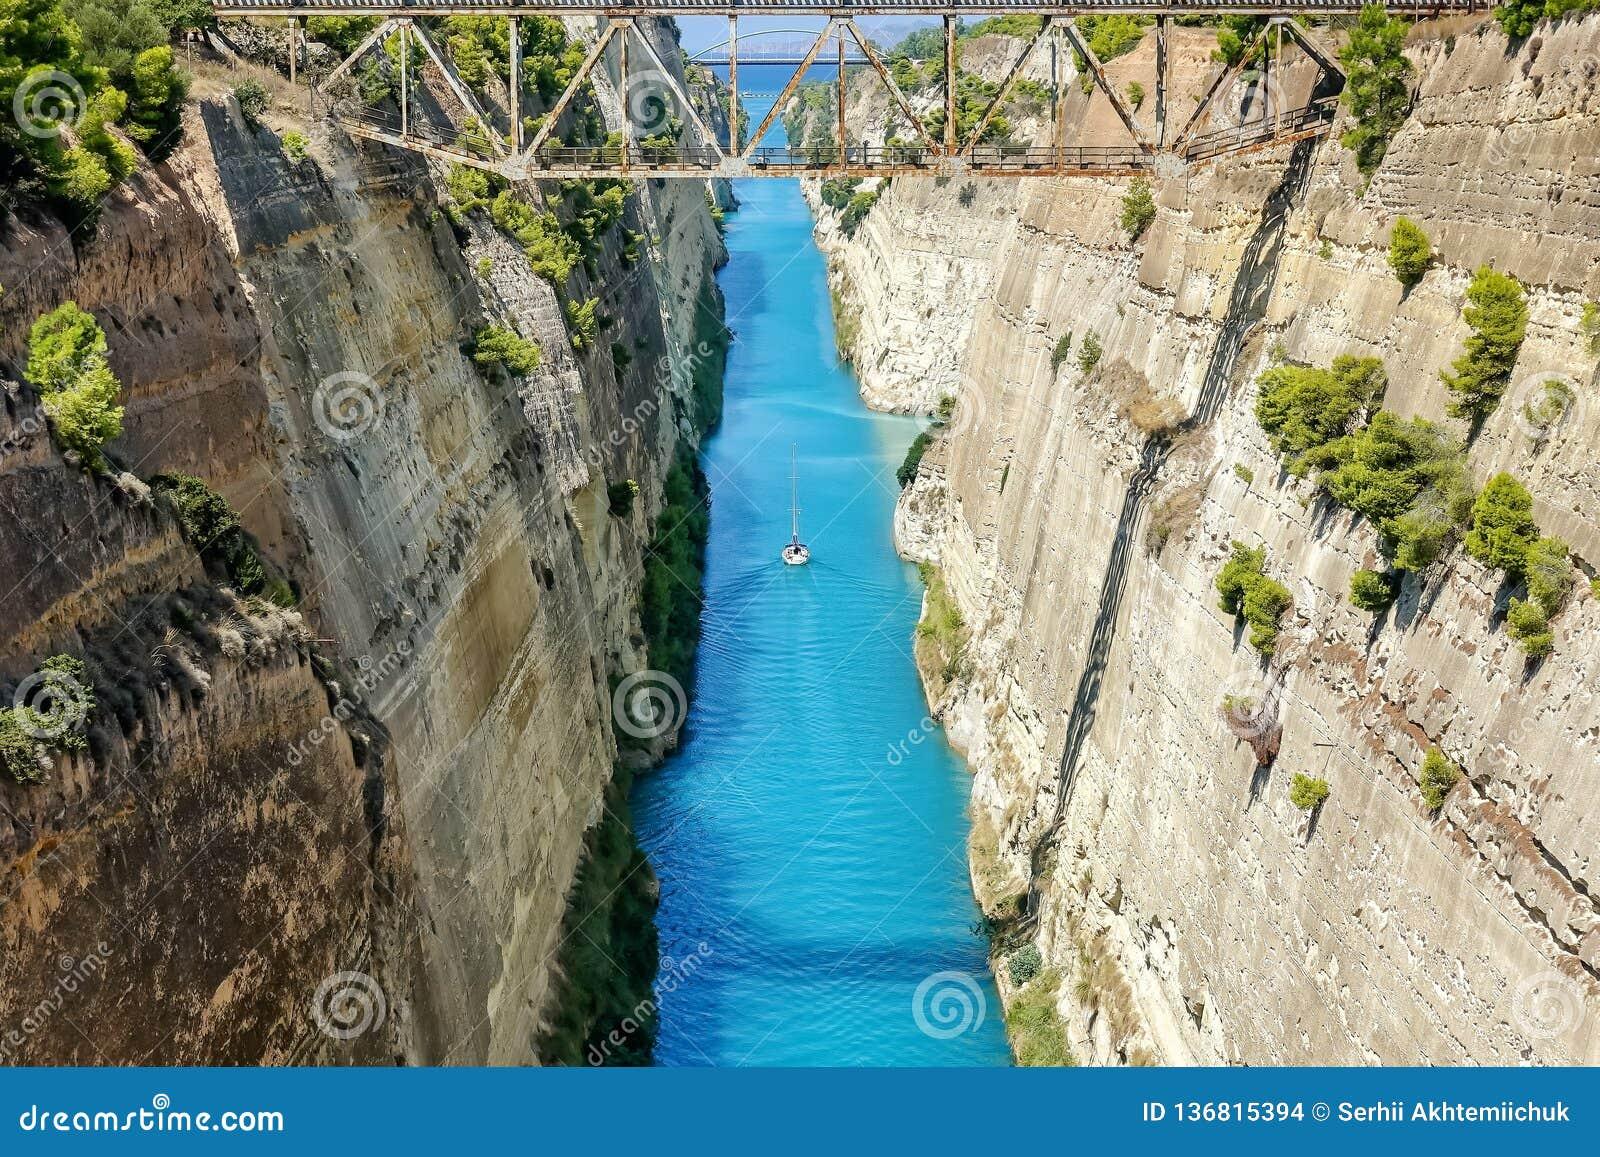 Canale di Corinto in Grecia in un giorno di estate